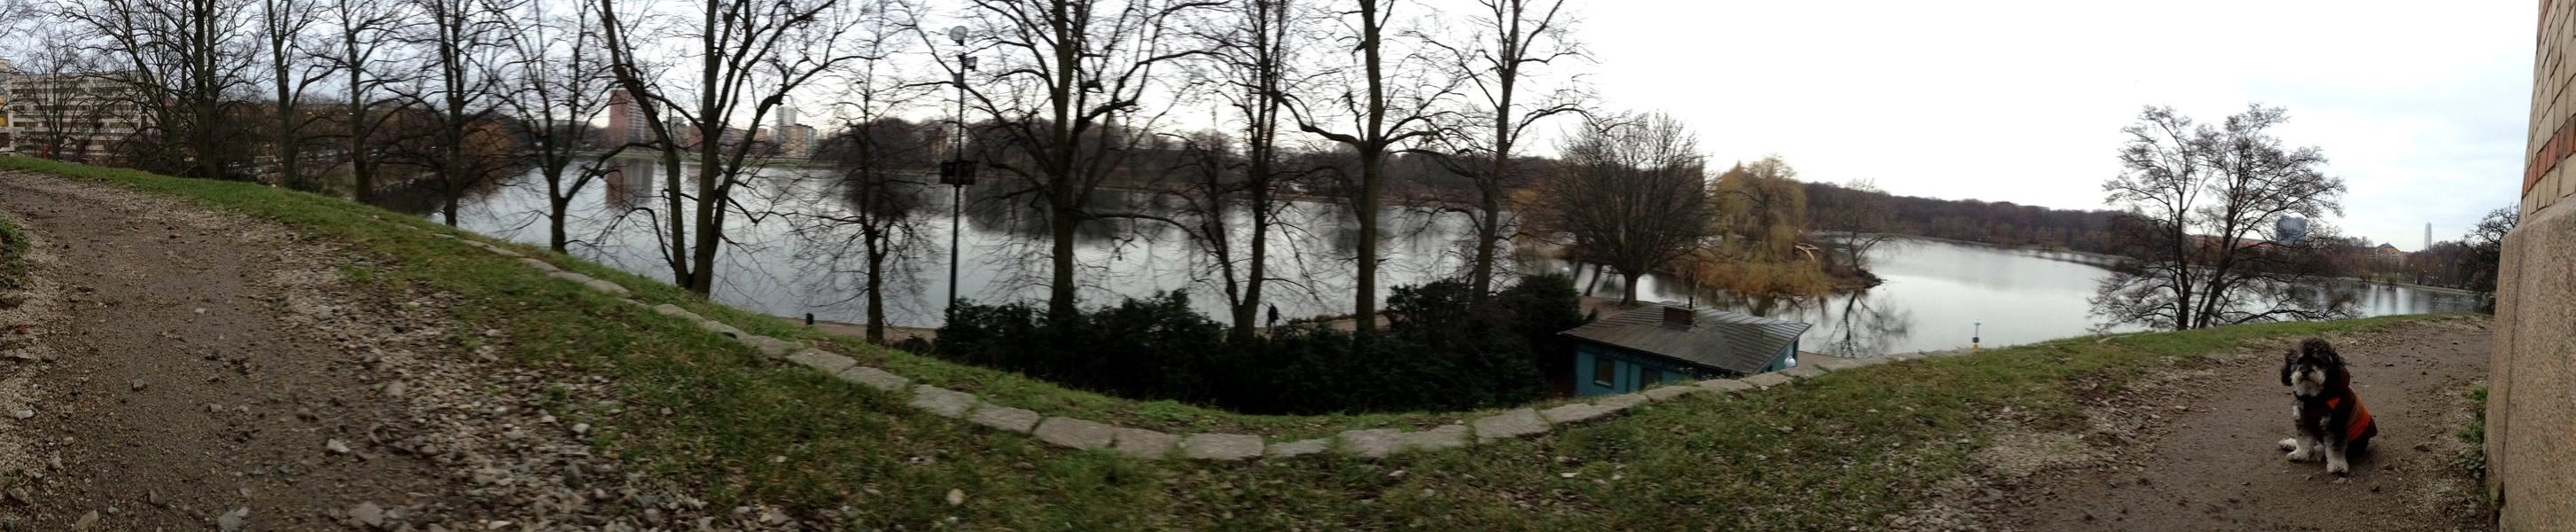 Pildammsparken Malmo Sweden